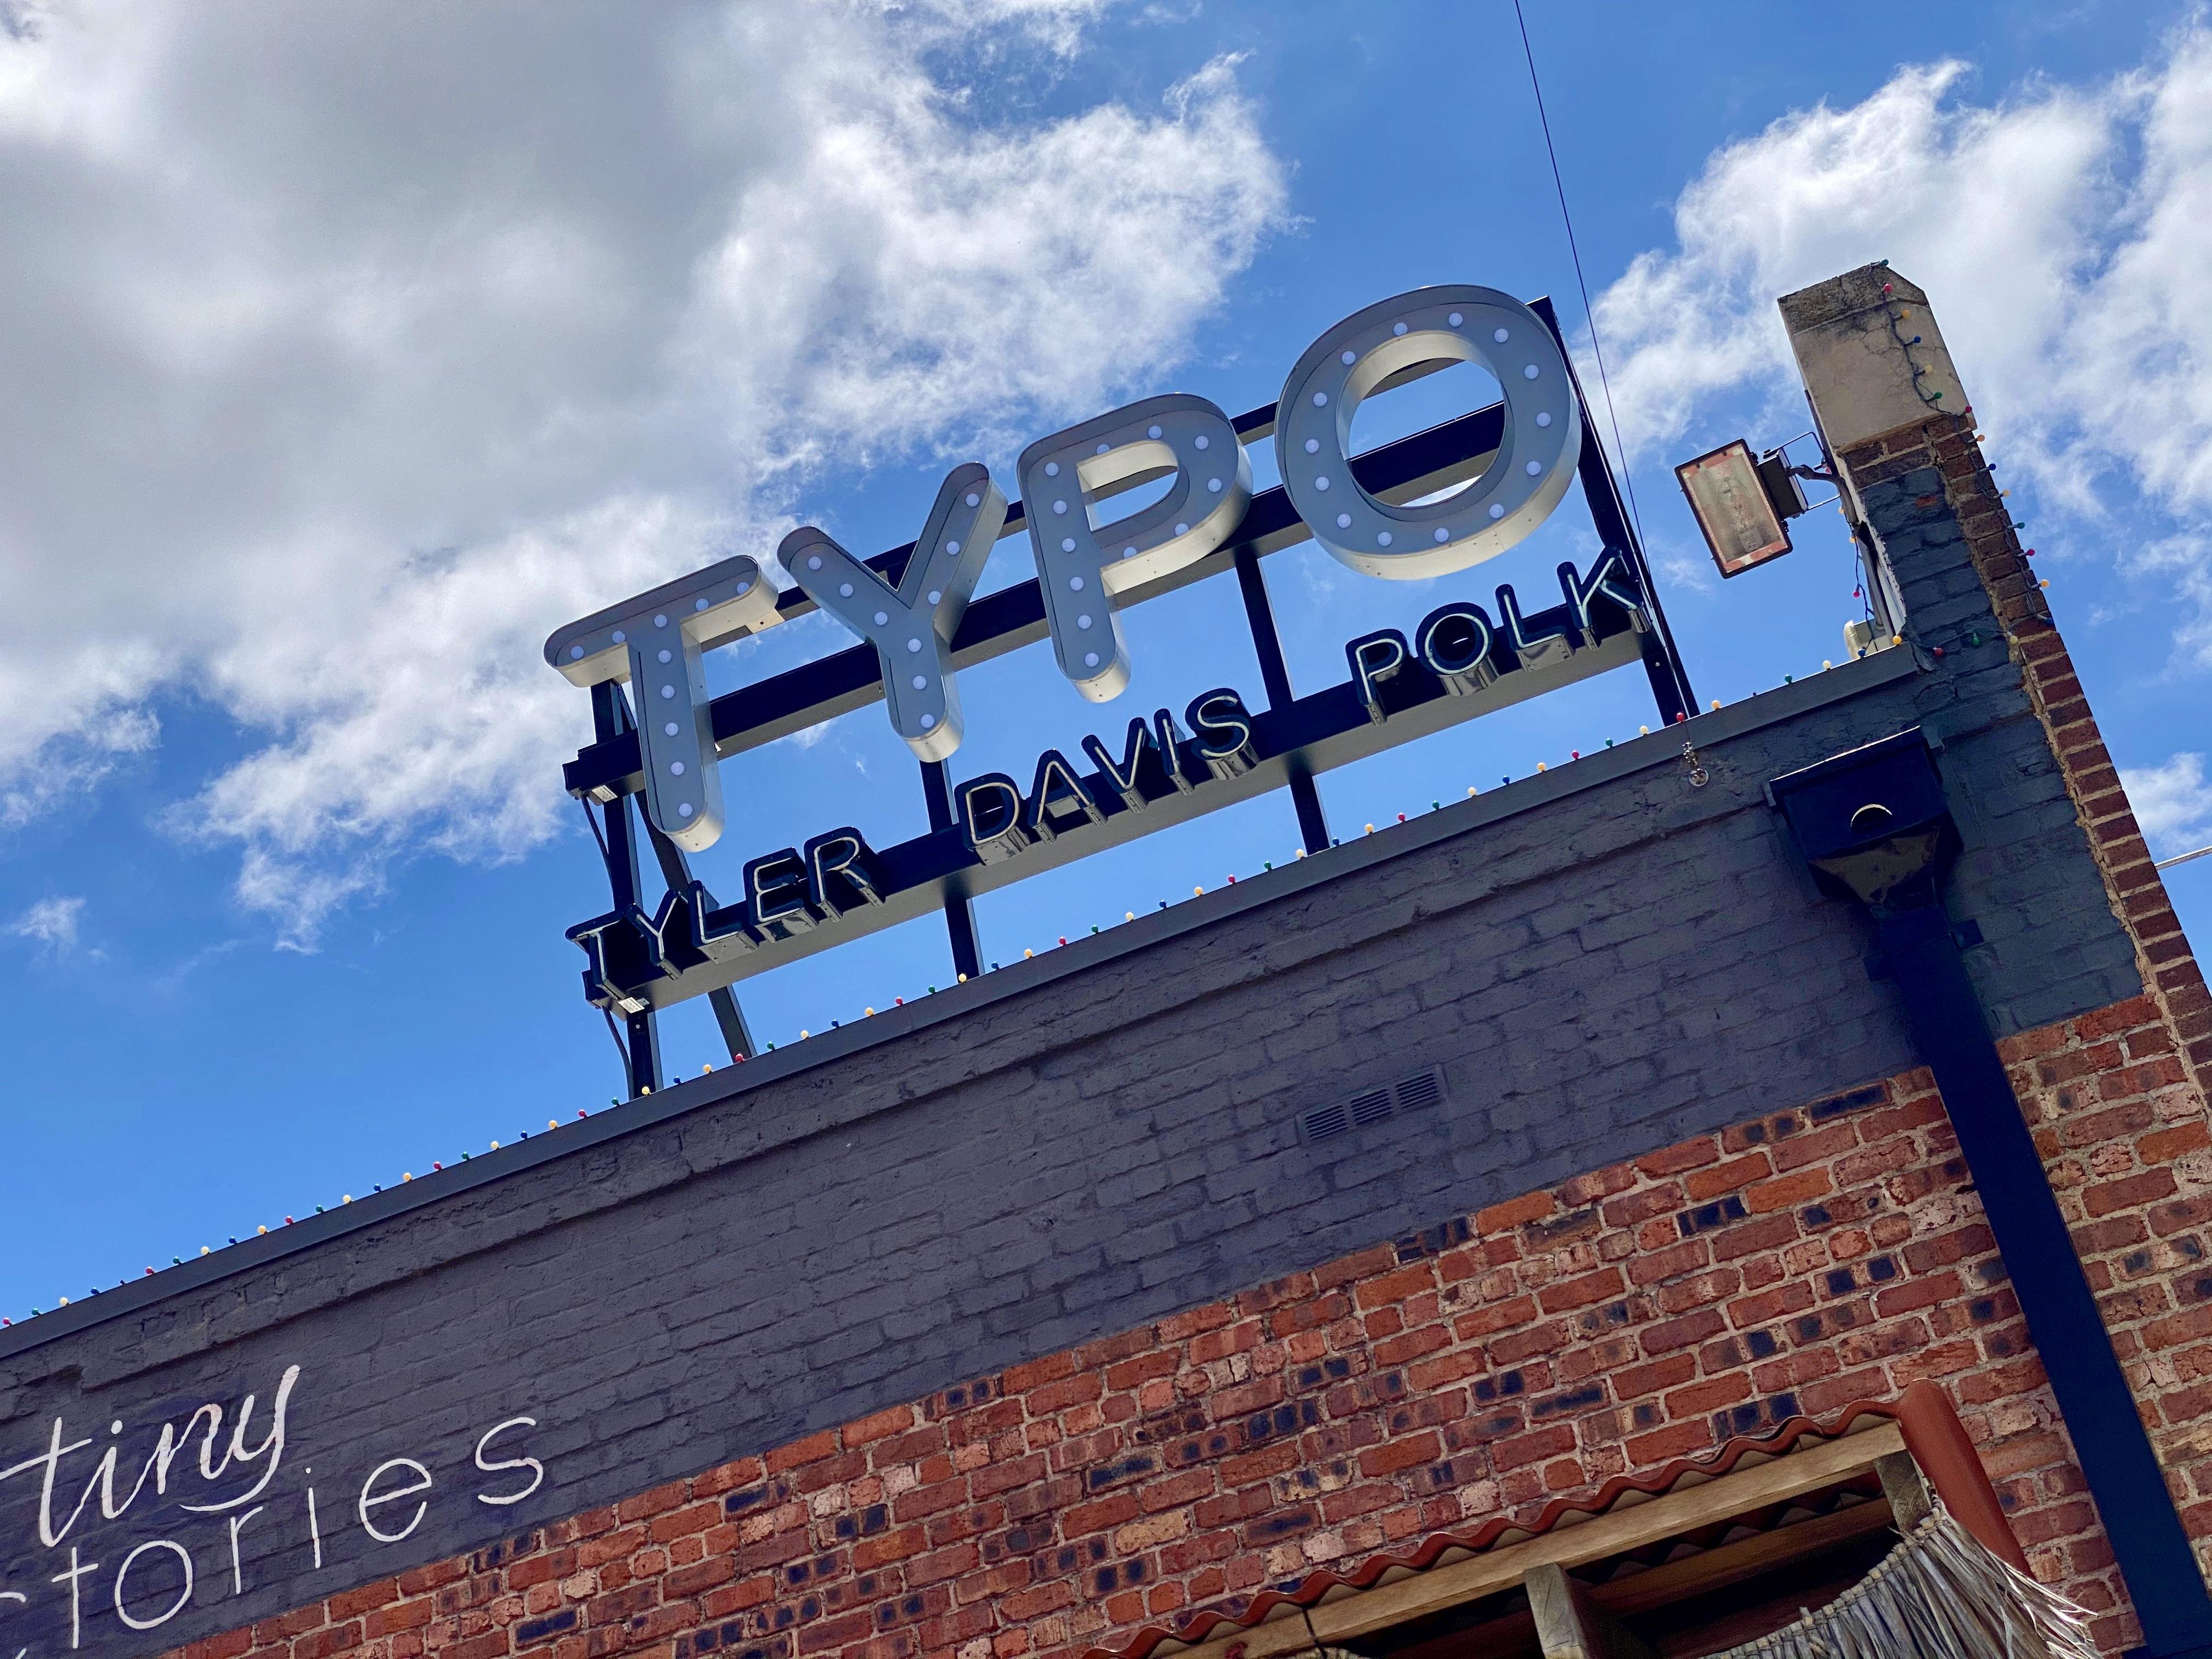 TYPO District in Oak Cliffs, TX